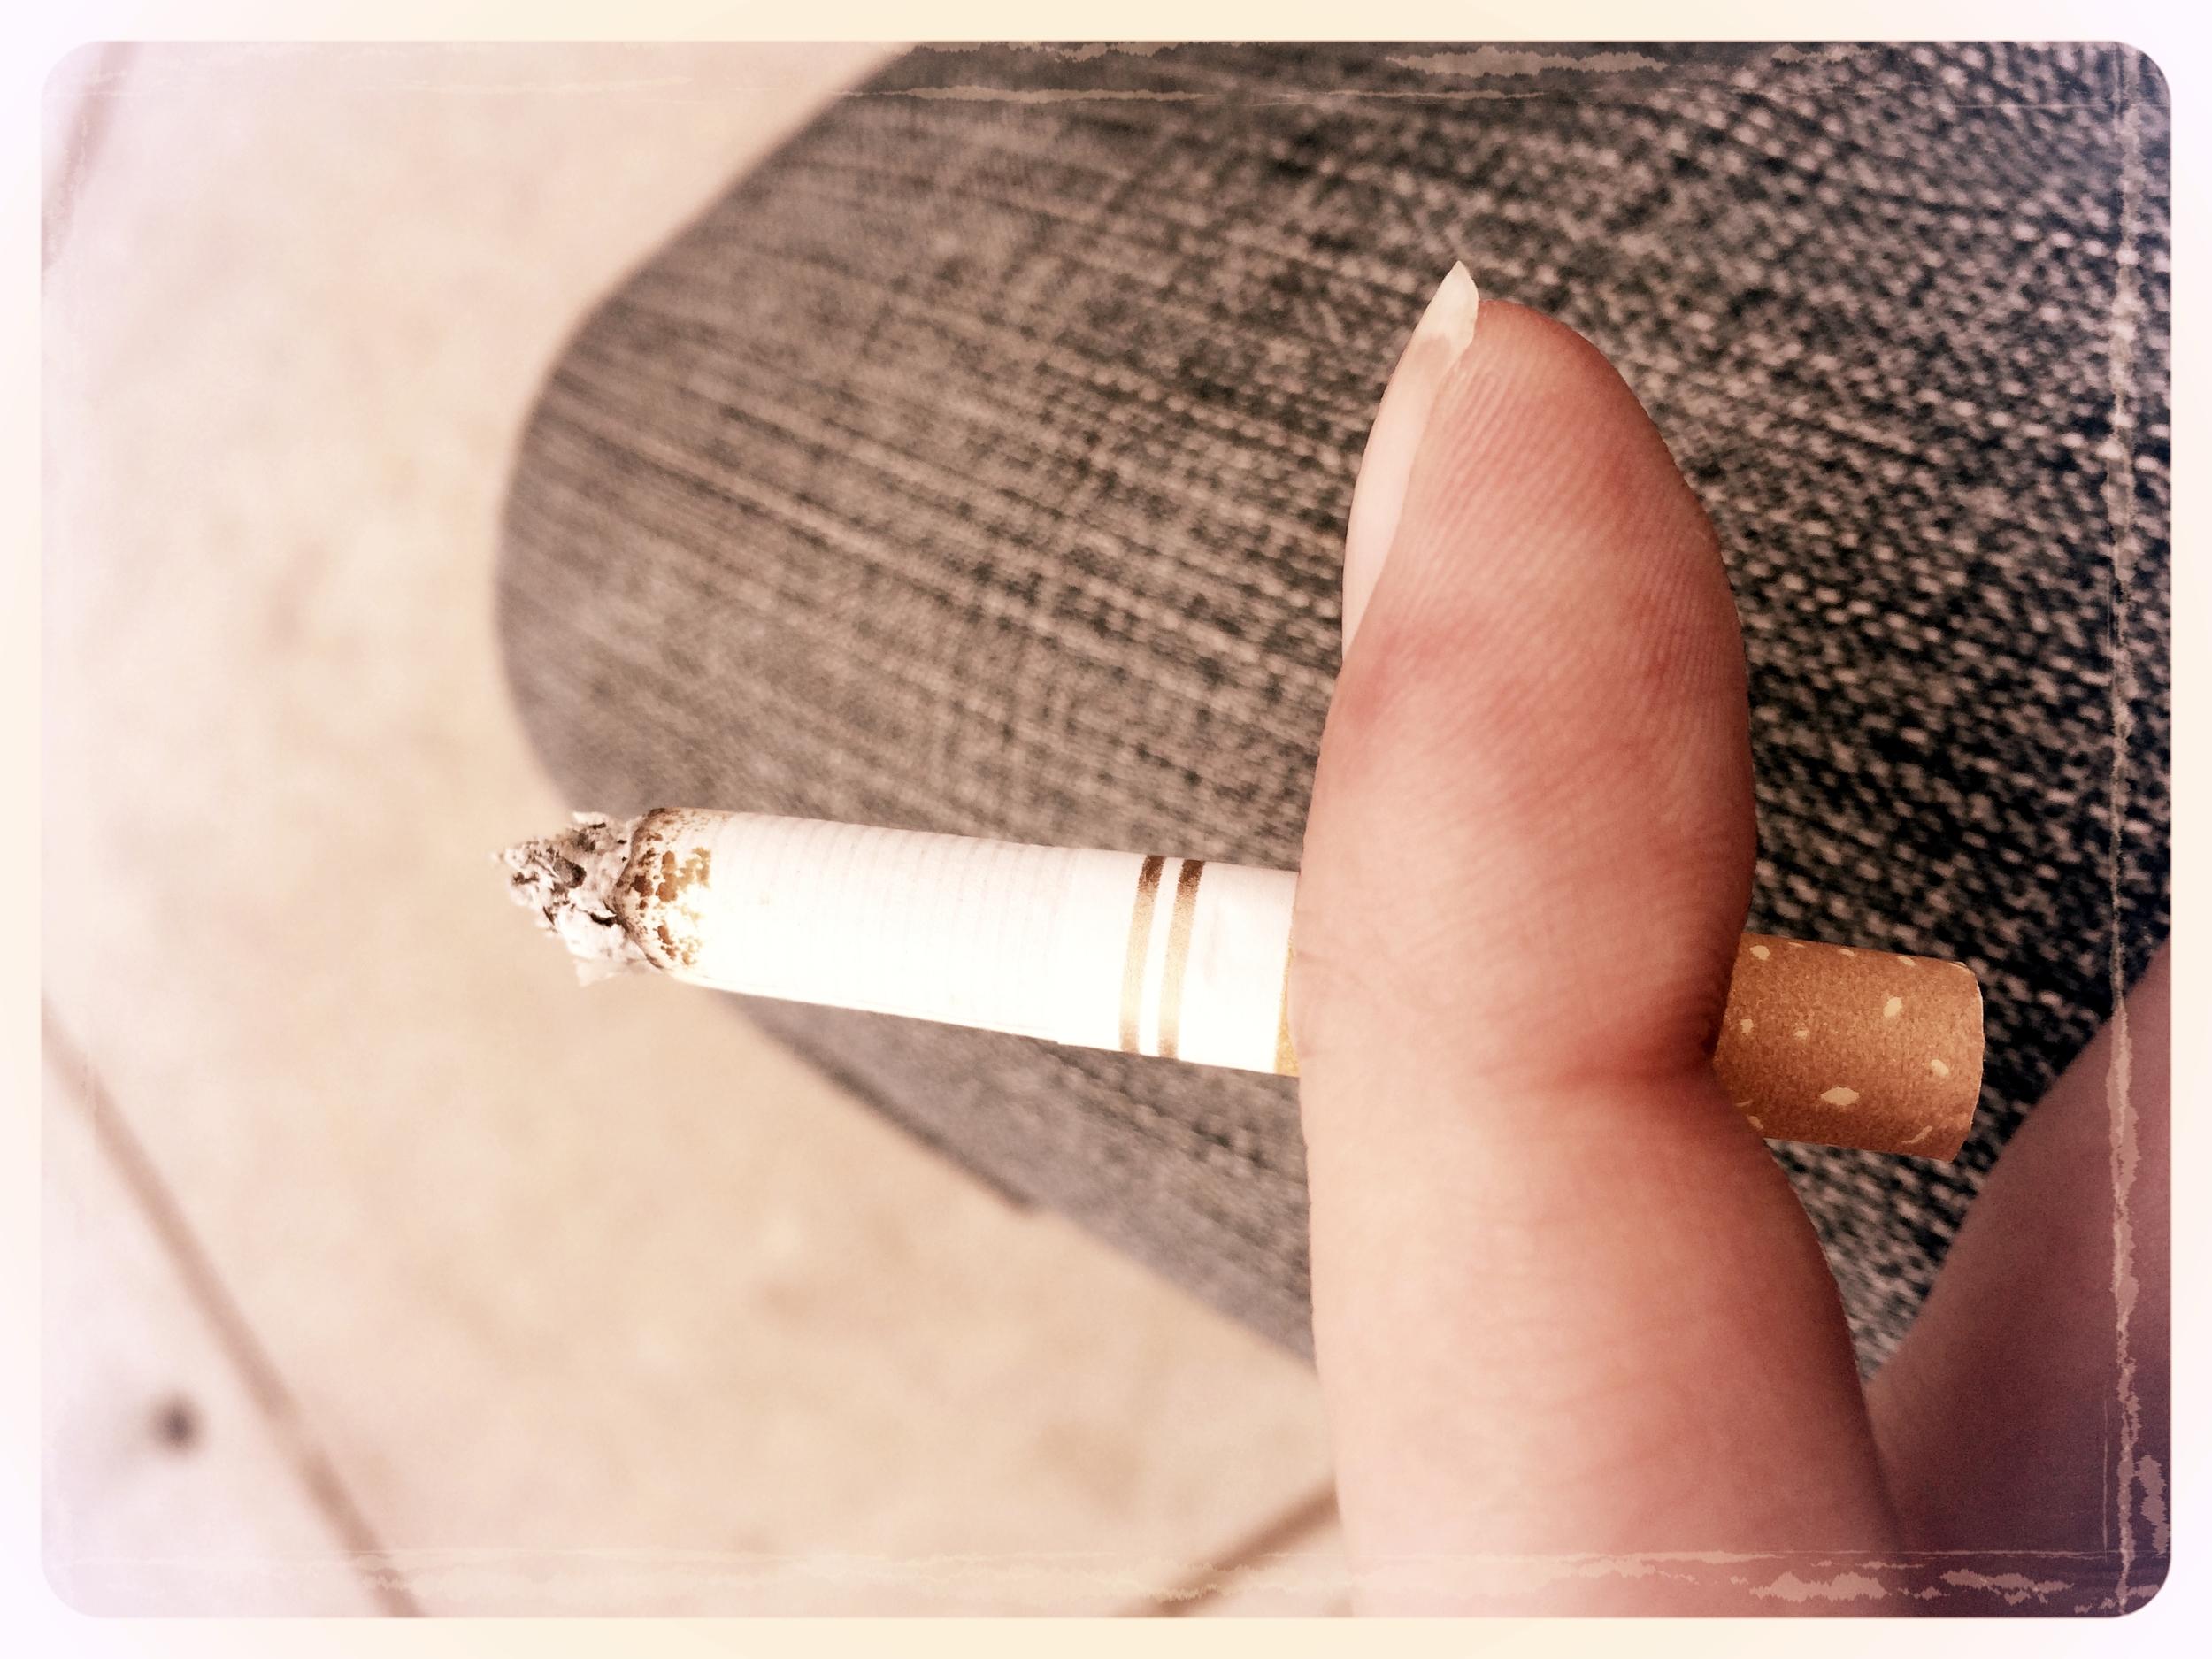 smoking-cigarette-butt.jpg